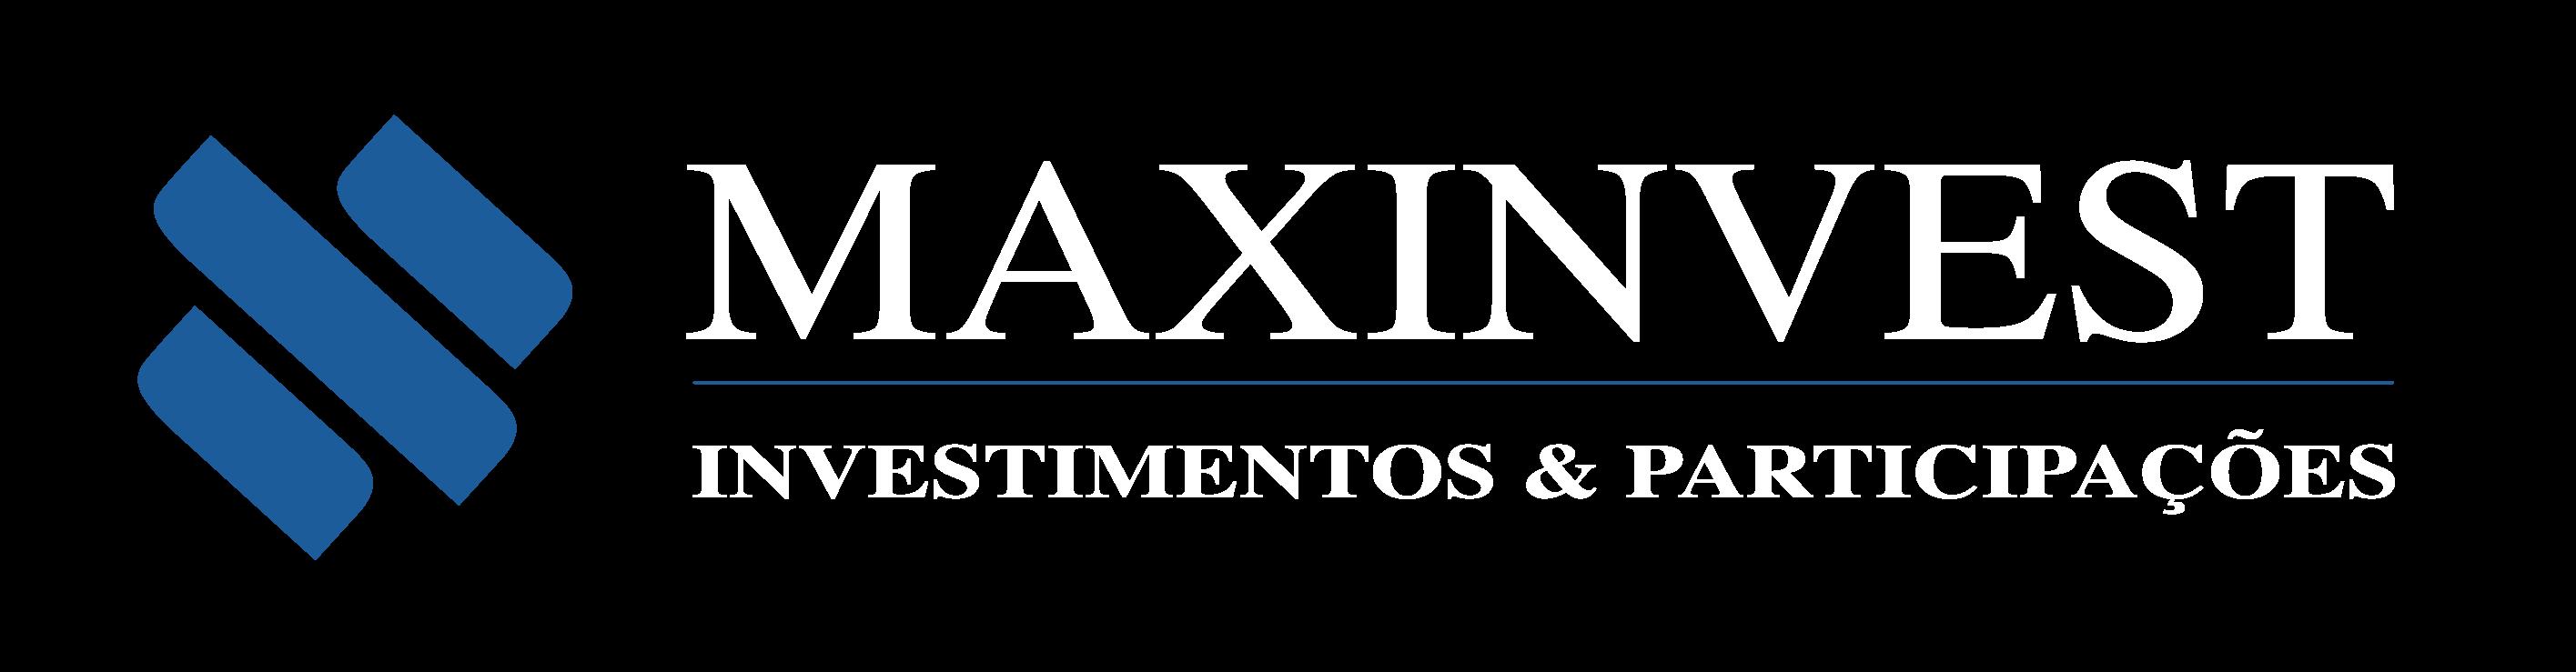 Maxinvest